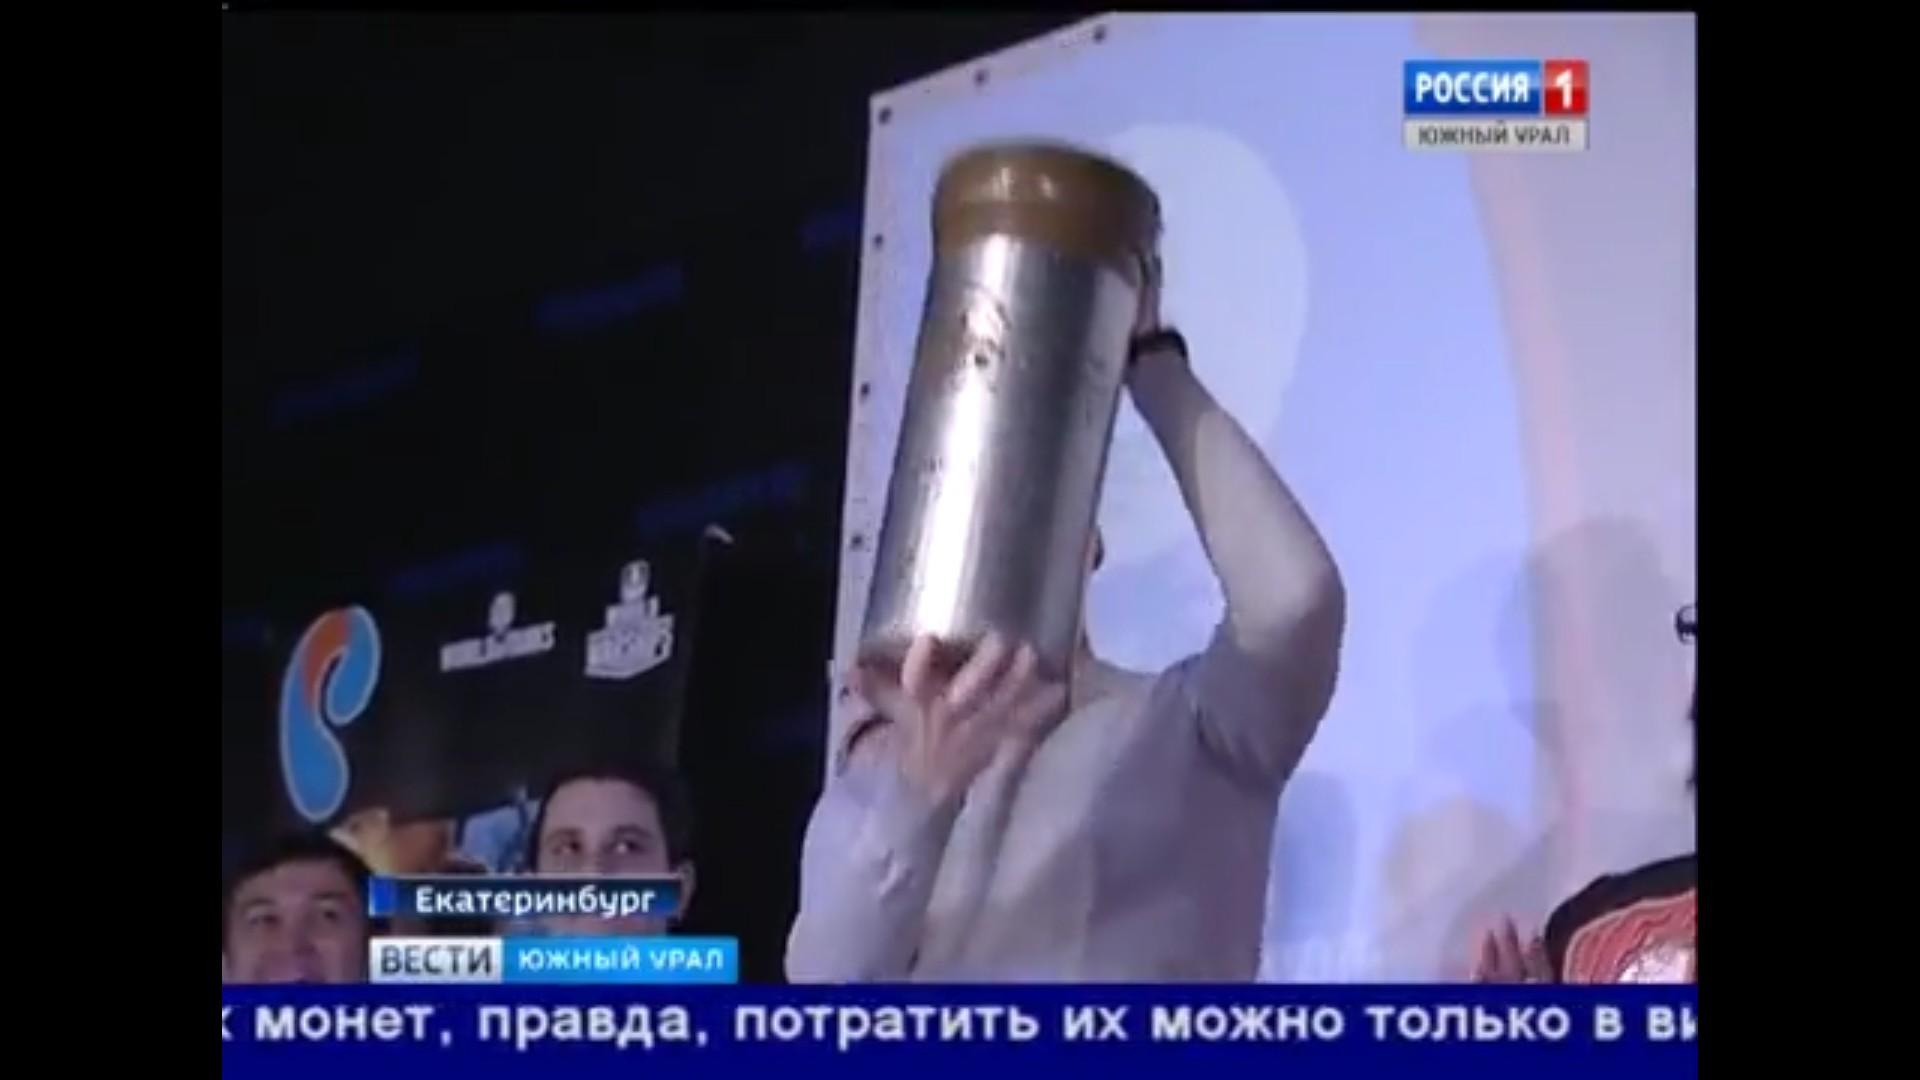 http://s3.uploads.ru/SI4yK.jpg